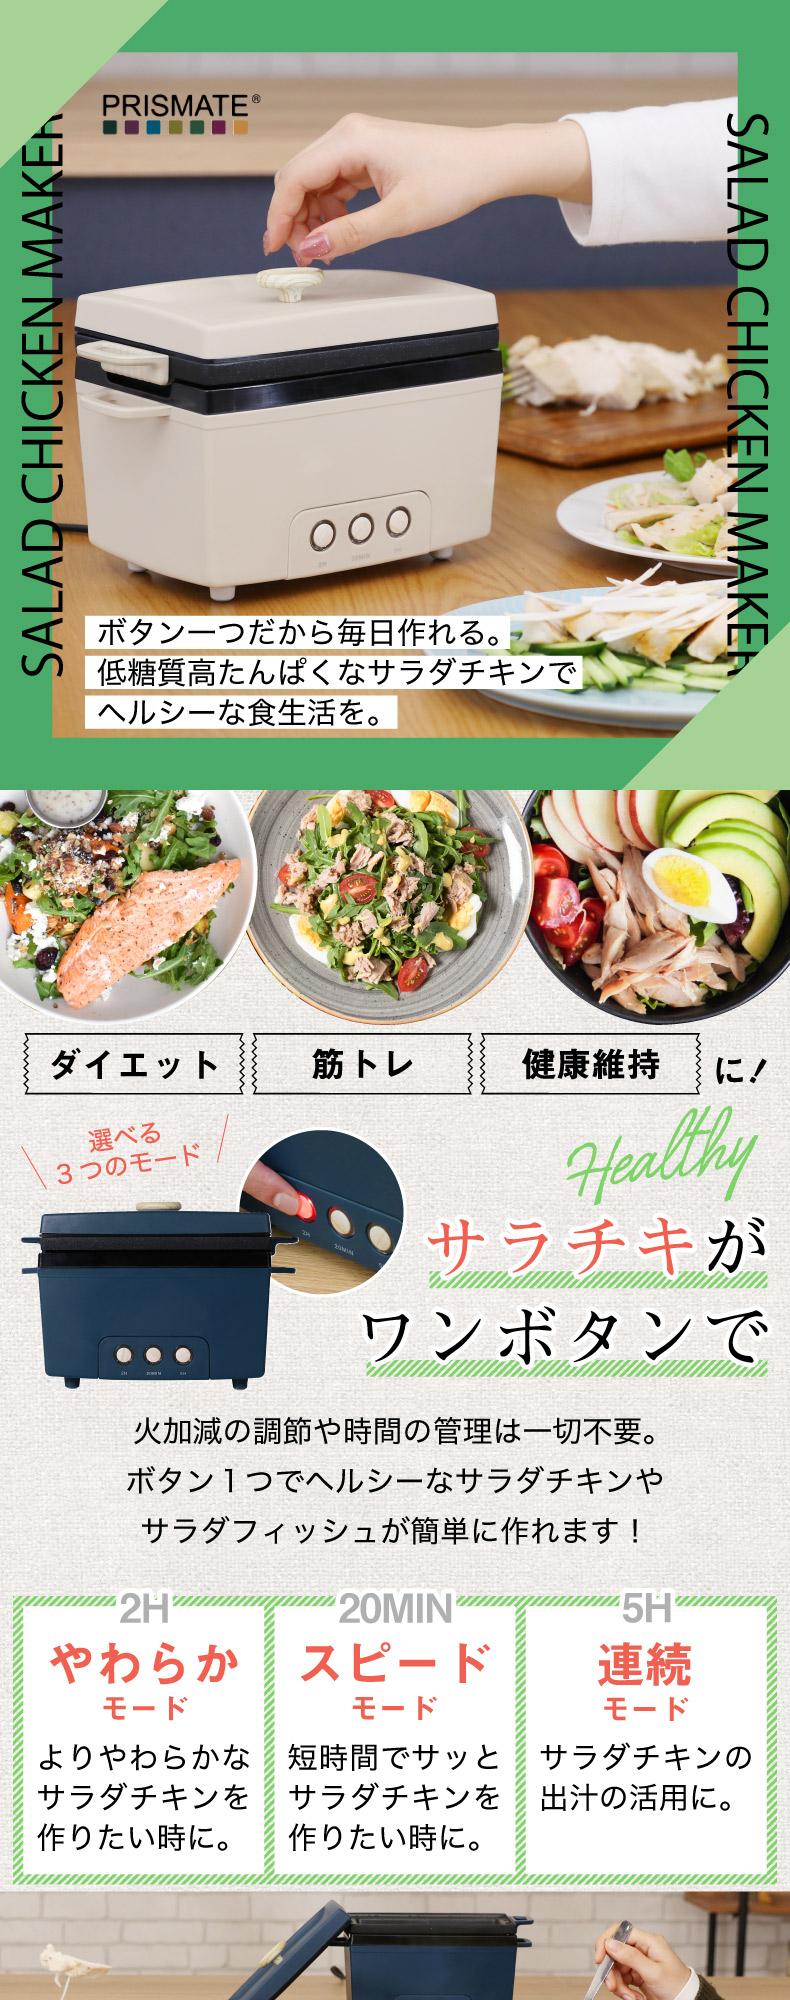 プリズメイト サラダチキンメーカー レシピ付 サラダチキン 蒸し料理 蒸し鶏 低糖質 高たんぱく 簡単 ヘルシー 筋トレ ダイエット